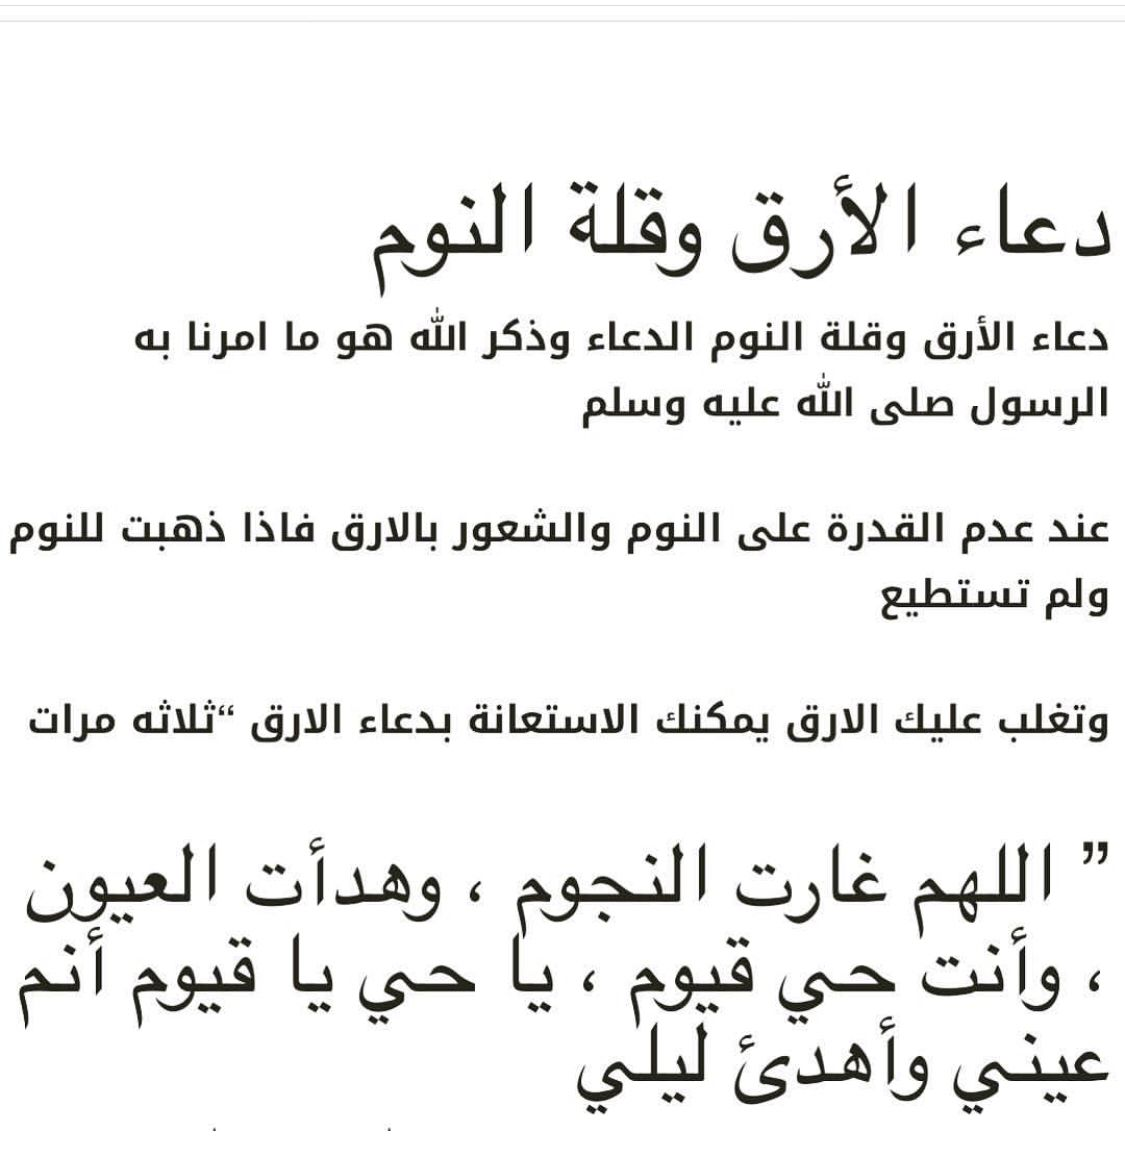 آمين يارب العالمين Quran Quotes Islamic Quotes Quran Verses